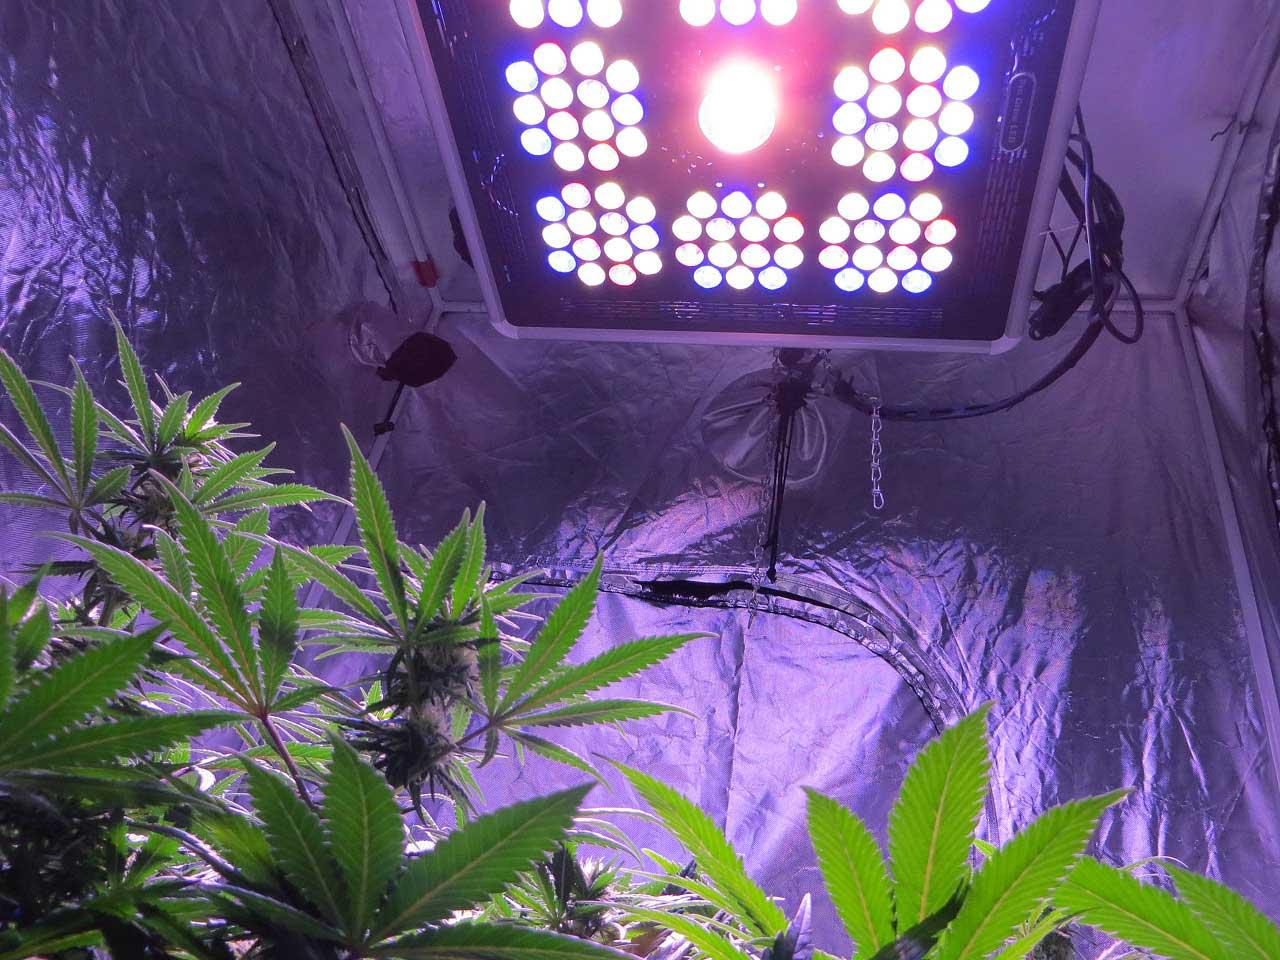 How Far Away Do I Keep Grow Lights From Cannabis Plants